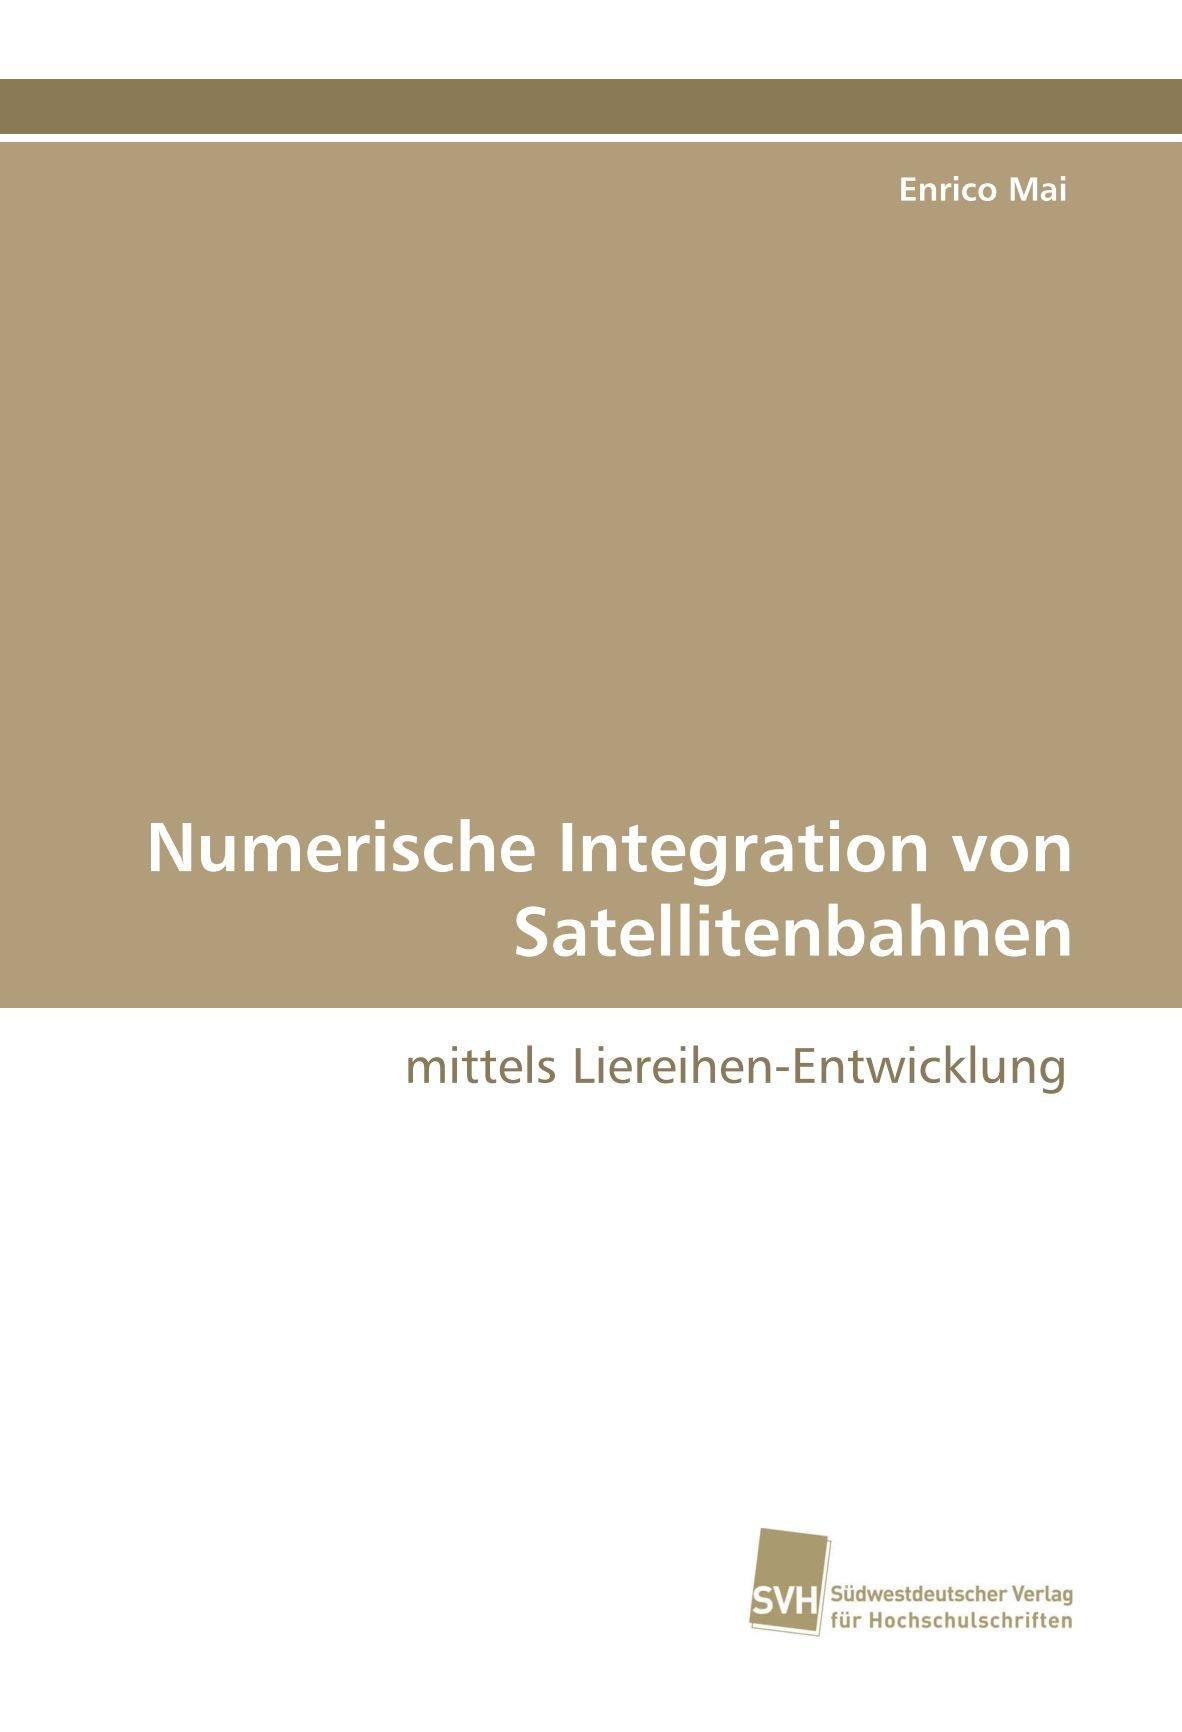 Numerische Integration von Satellitenbahnen: mittels Liereihen-Entwicklung